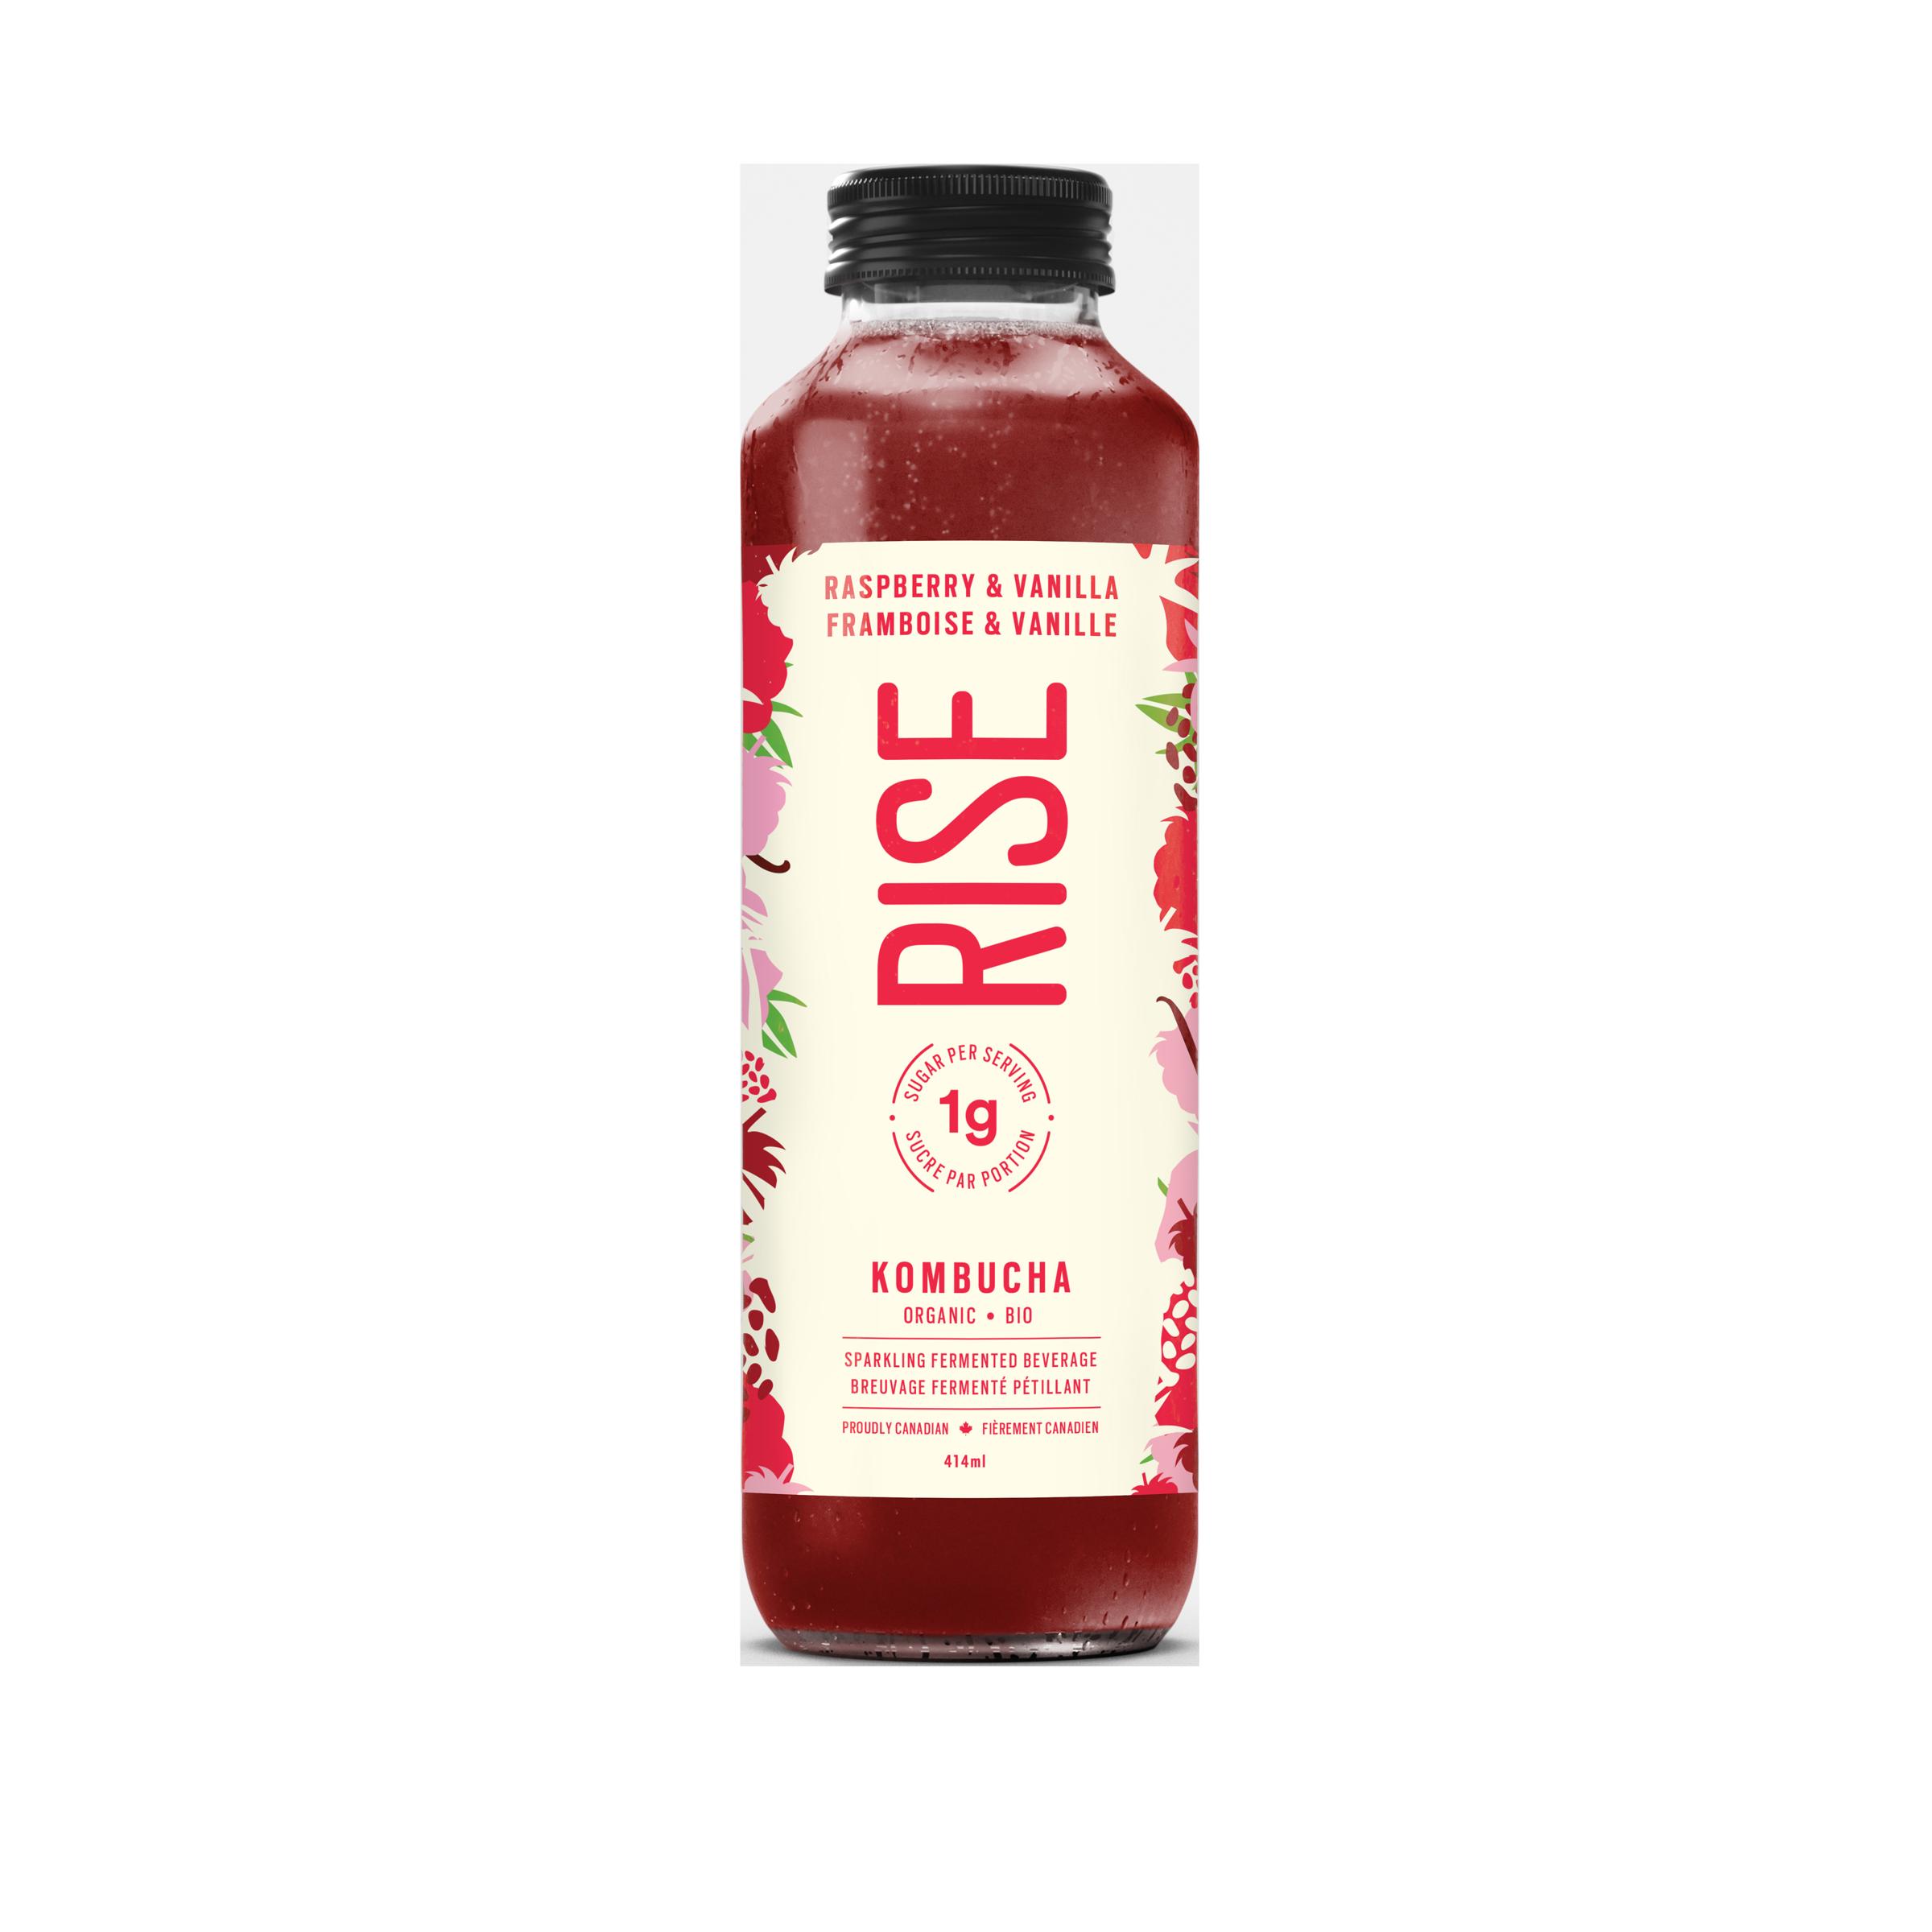 RISE Kombucha Raspberry & Vanilla